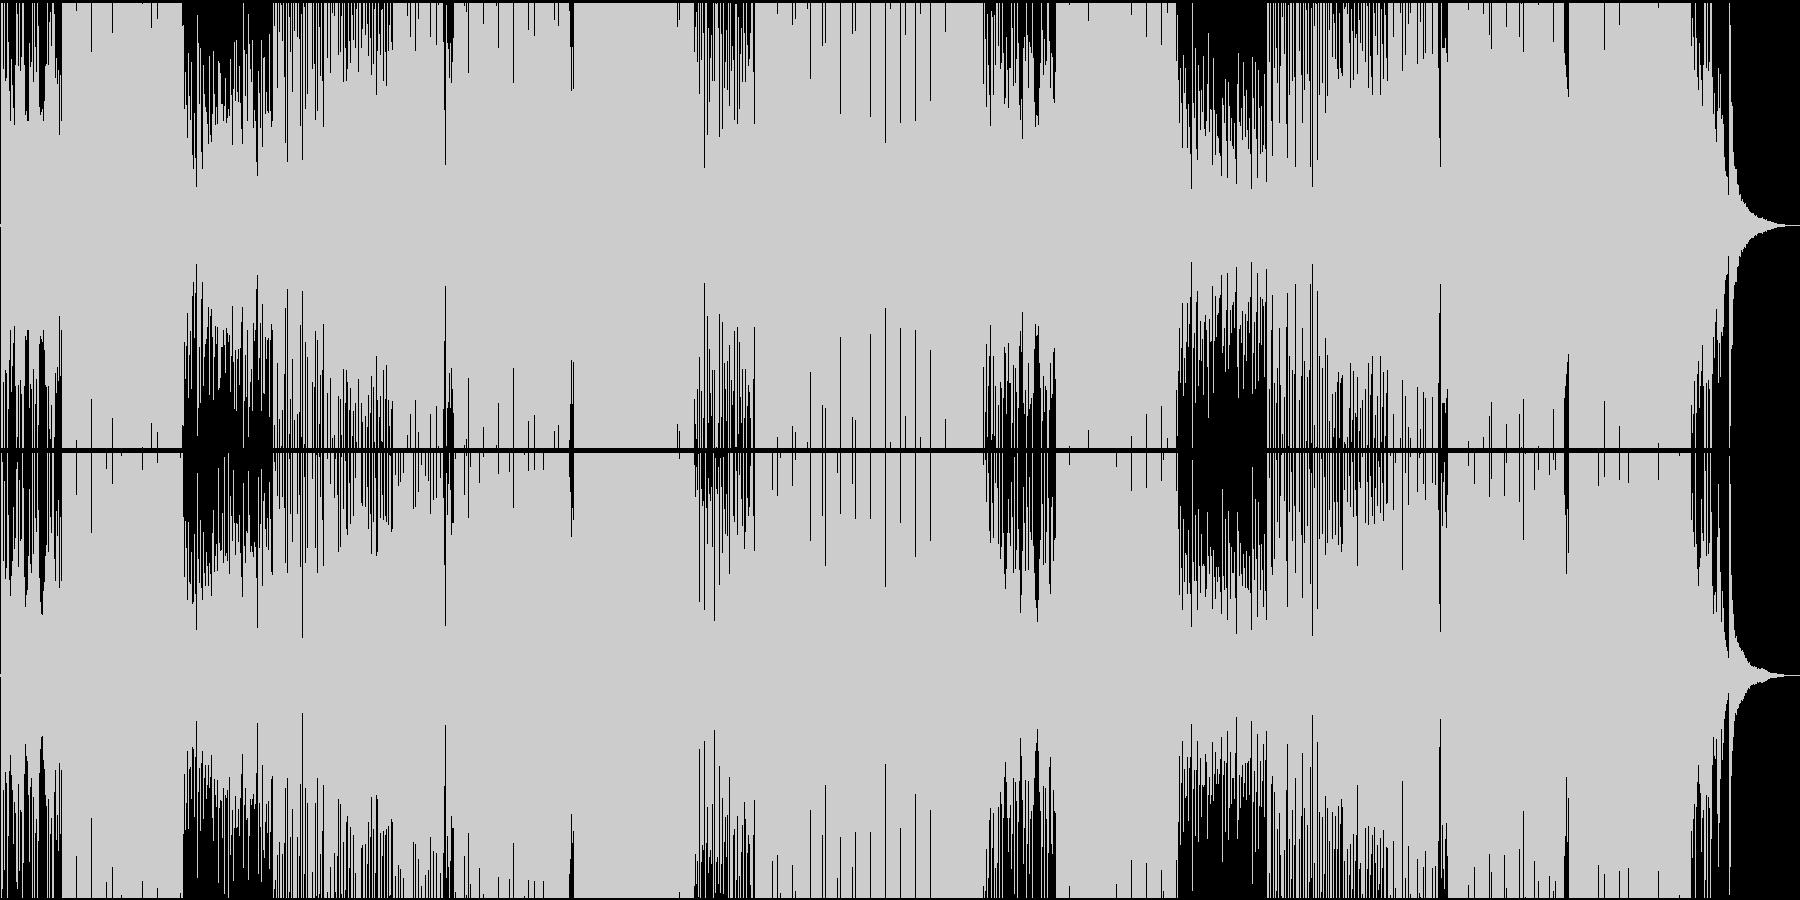 ダンサブル爽やかReggaetonEDMの未再生の波形